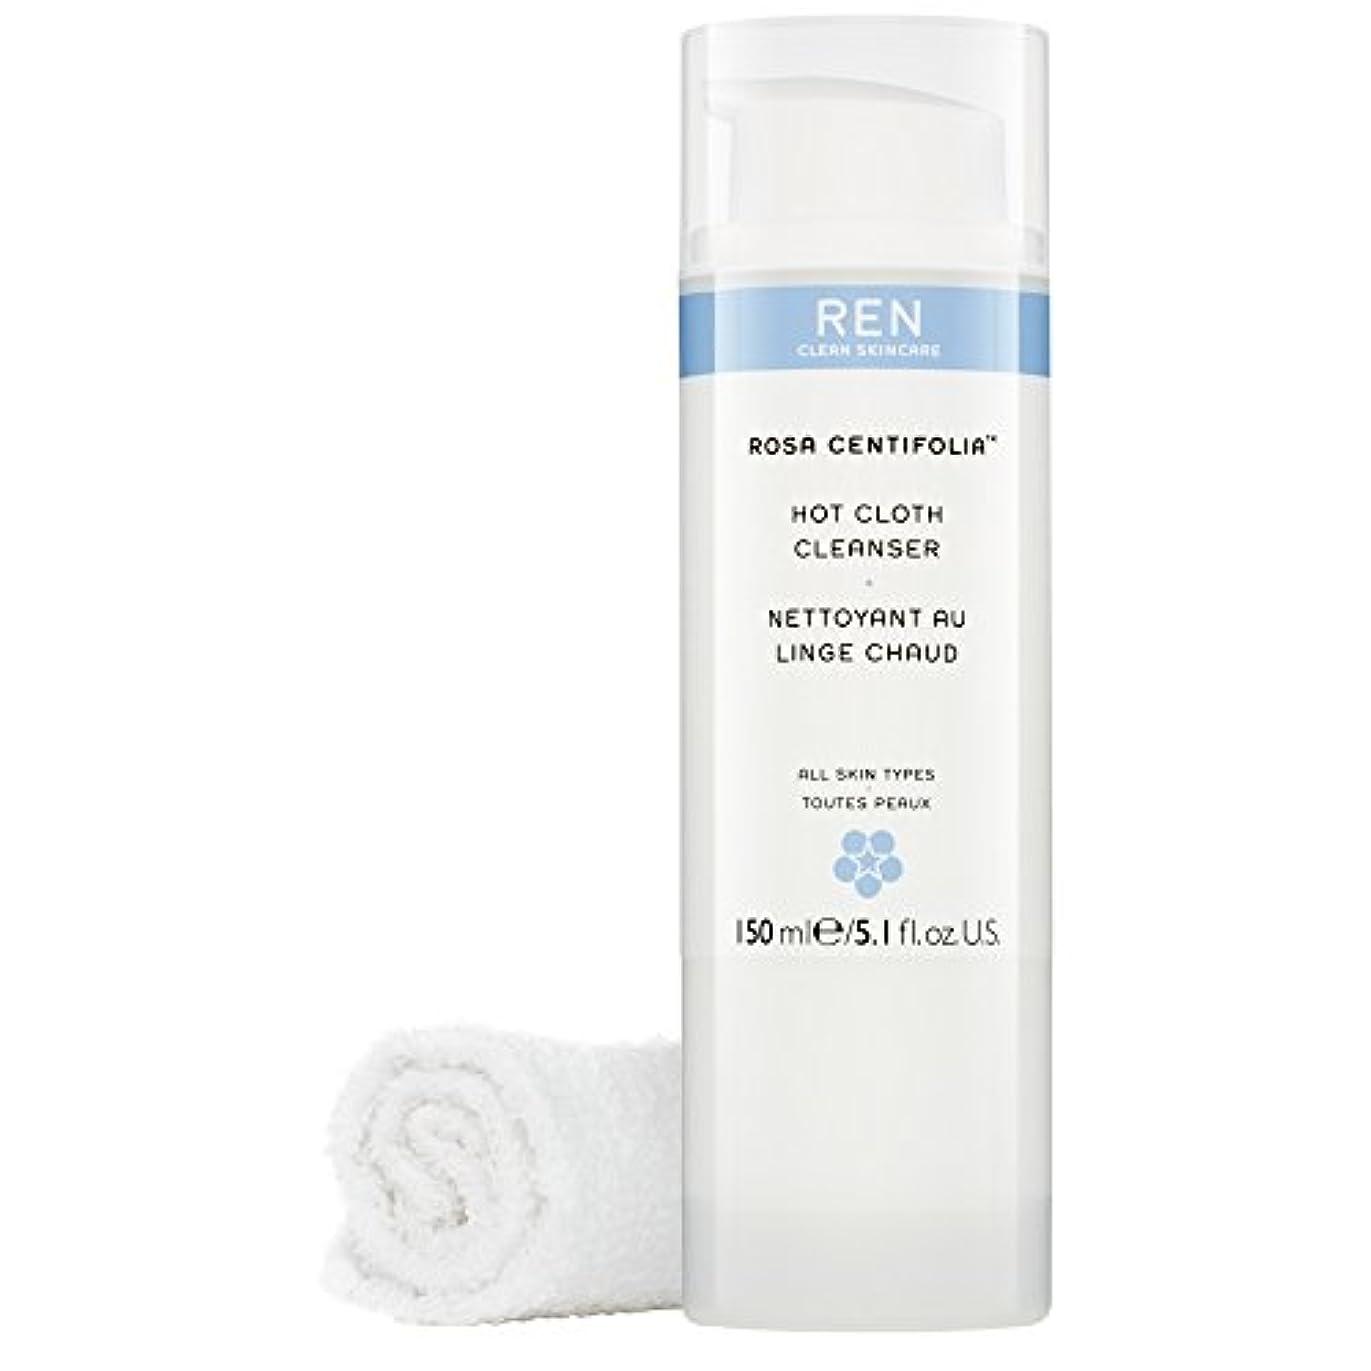 マサッチョ事前に子音Renローザセンチフォリアバラ?ホット布クレンザー、150ミリリットル (REN) (x2) - REN Rosa Centifolia? Hot Cloth Cleanser, 150ml (Pack of 2) [並行輸入品]